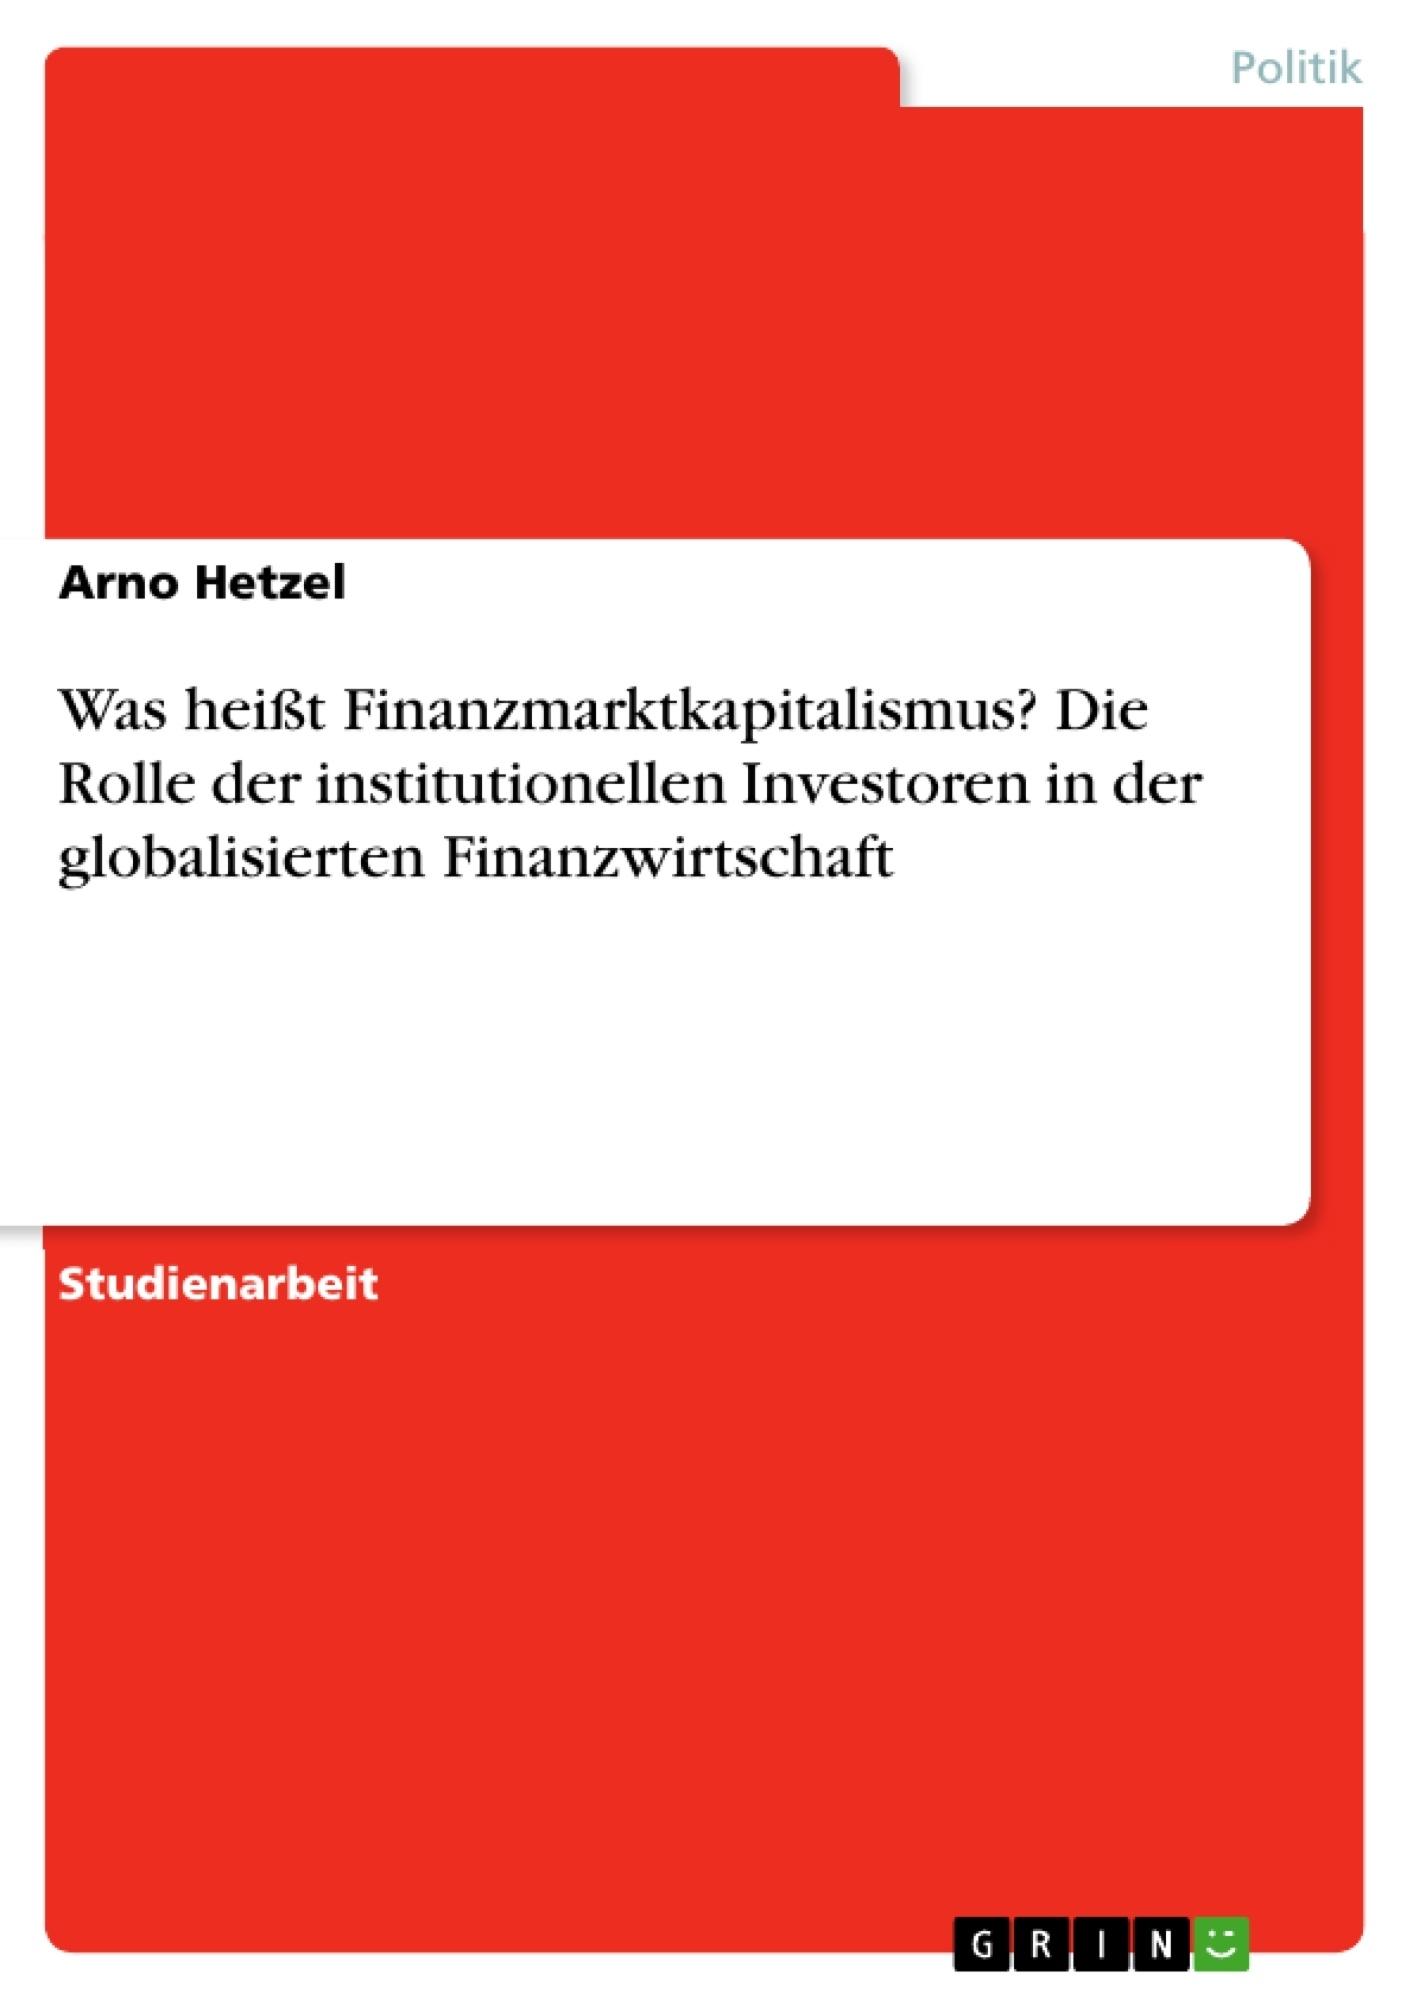 Titel: Was heißt Finanzmarktkapitalismus? Die Rolle der institutionellen Investoren in der globalisierten Finanzwirtschaft